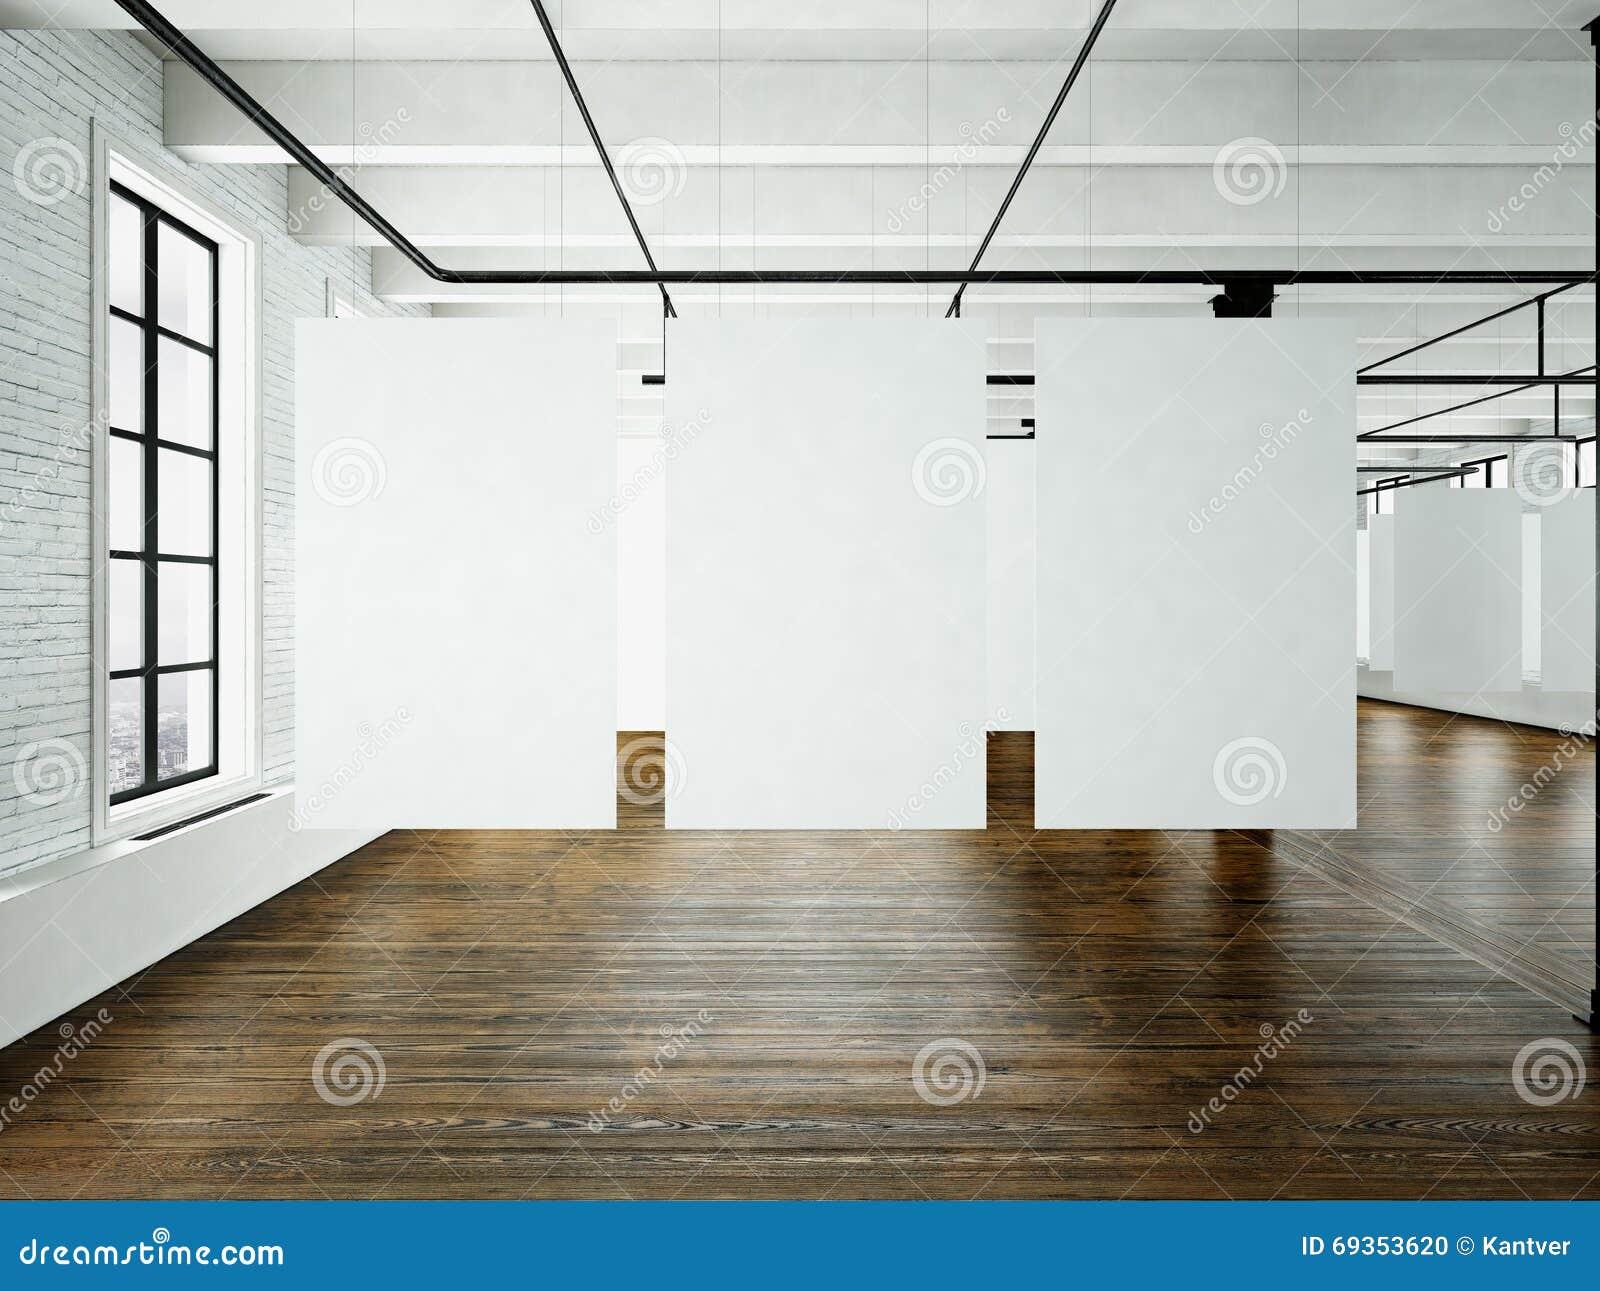 Modern Art Museum Expo In Loft Interior Open Space Studio